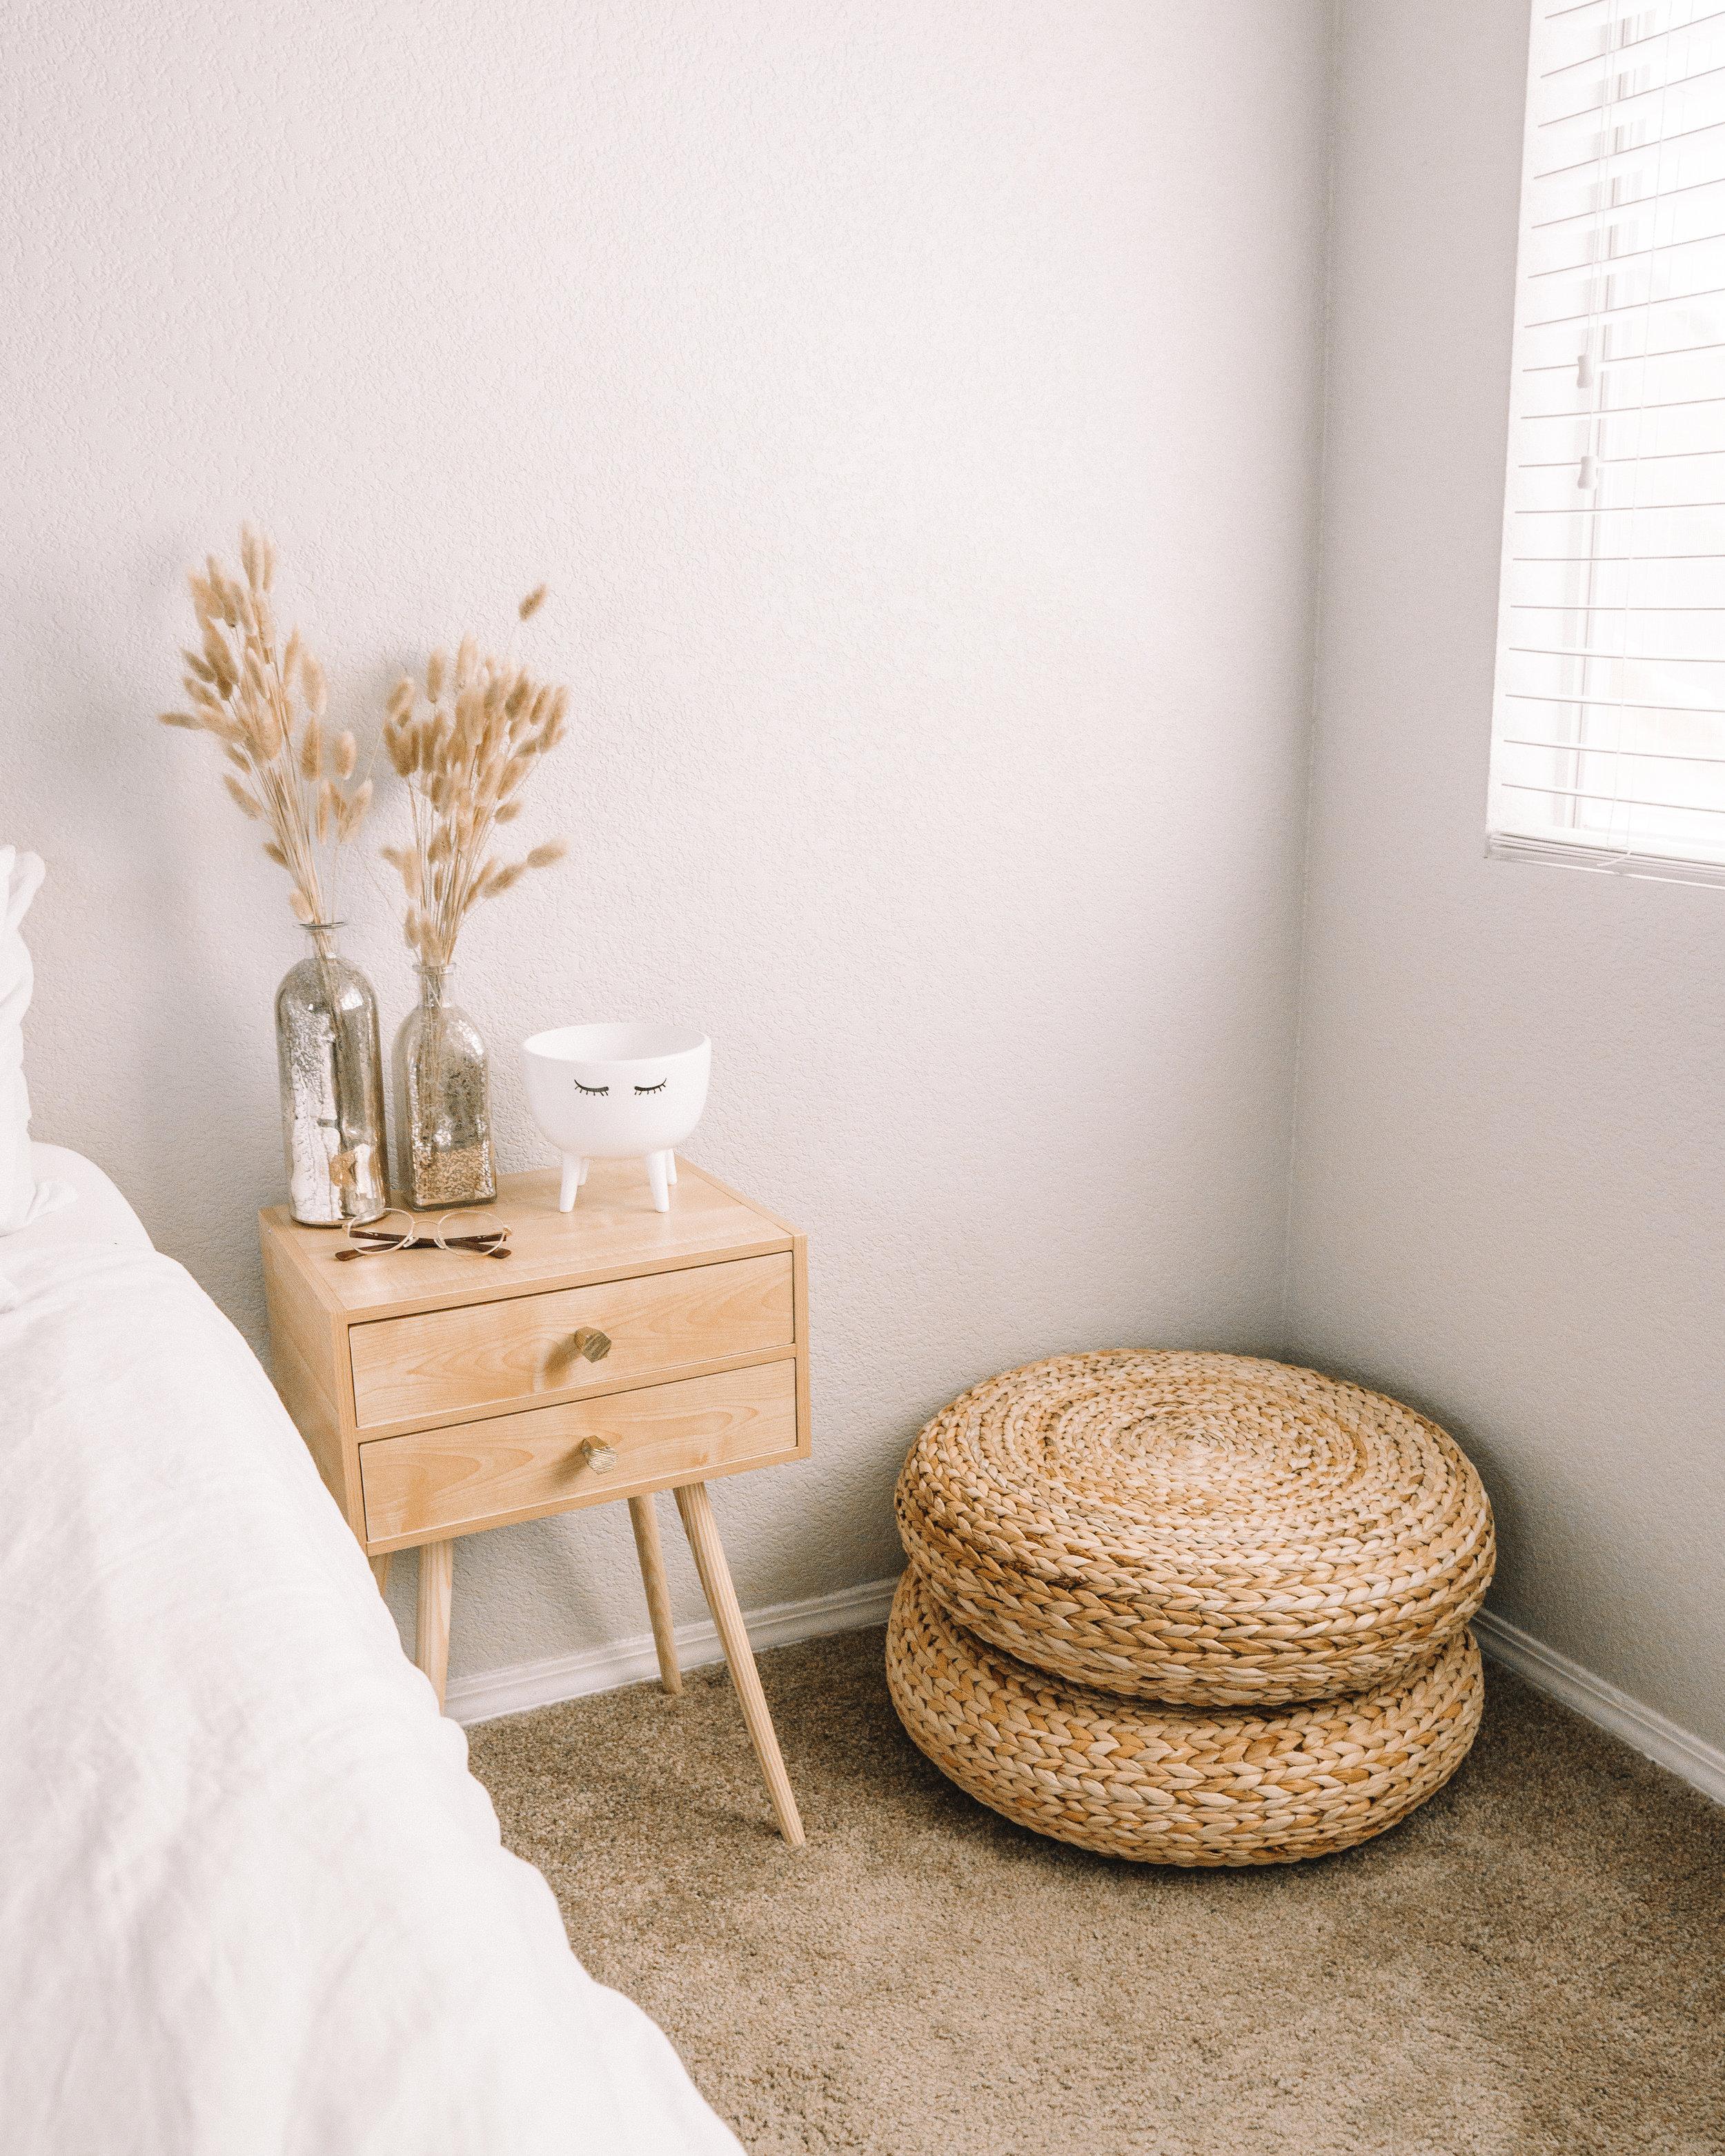 boho-bedroom-ideas-2019-3